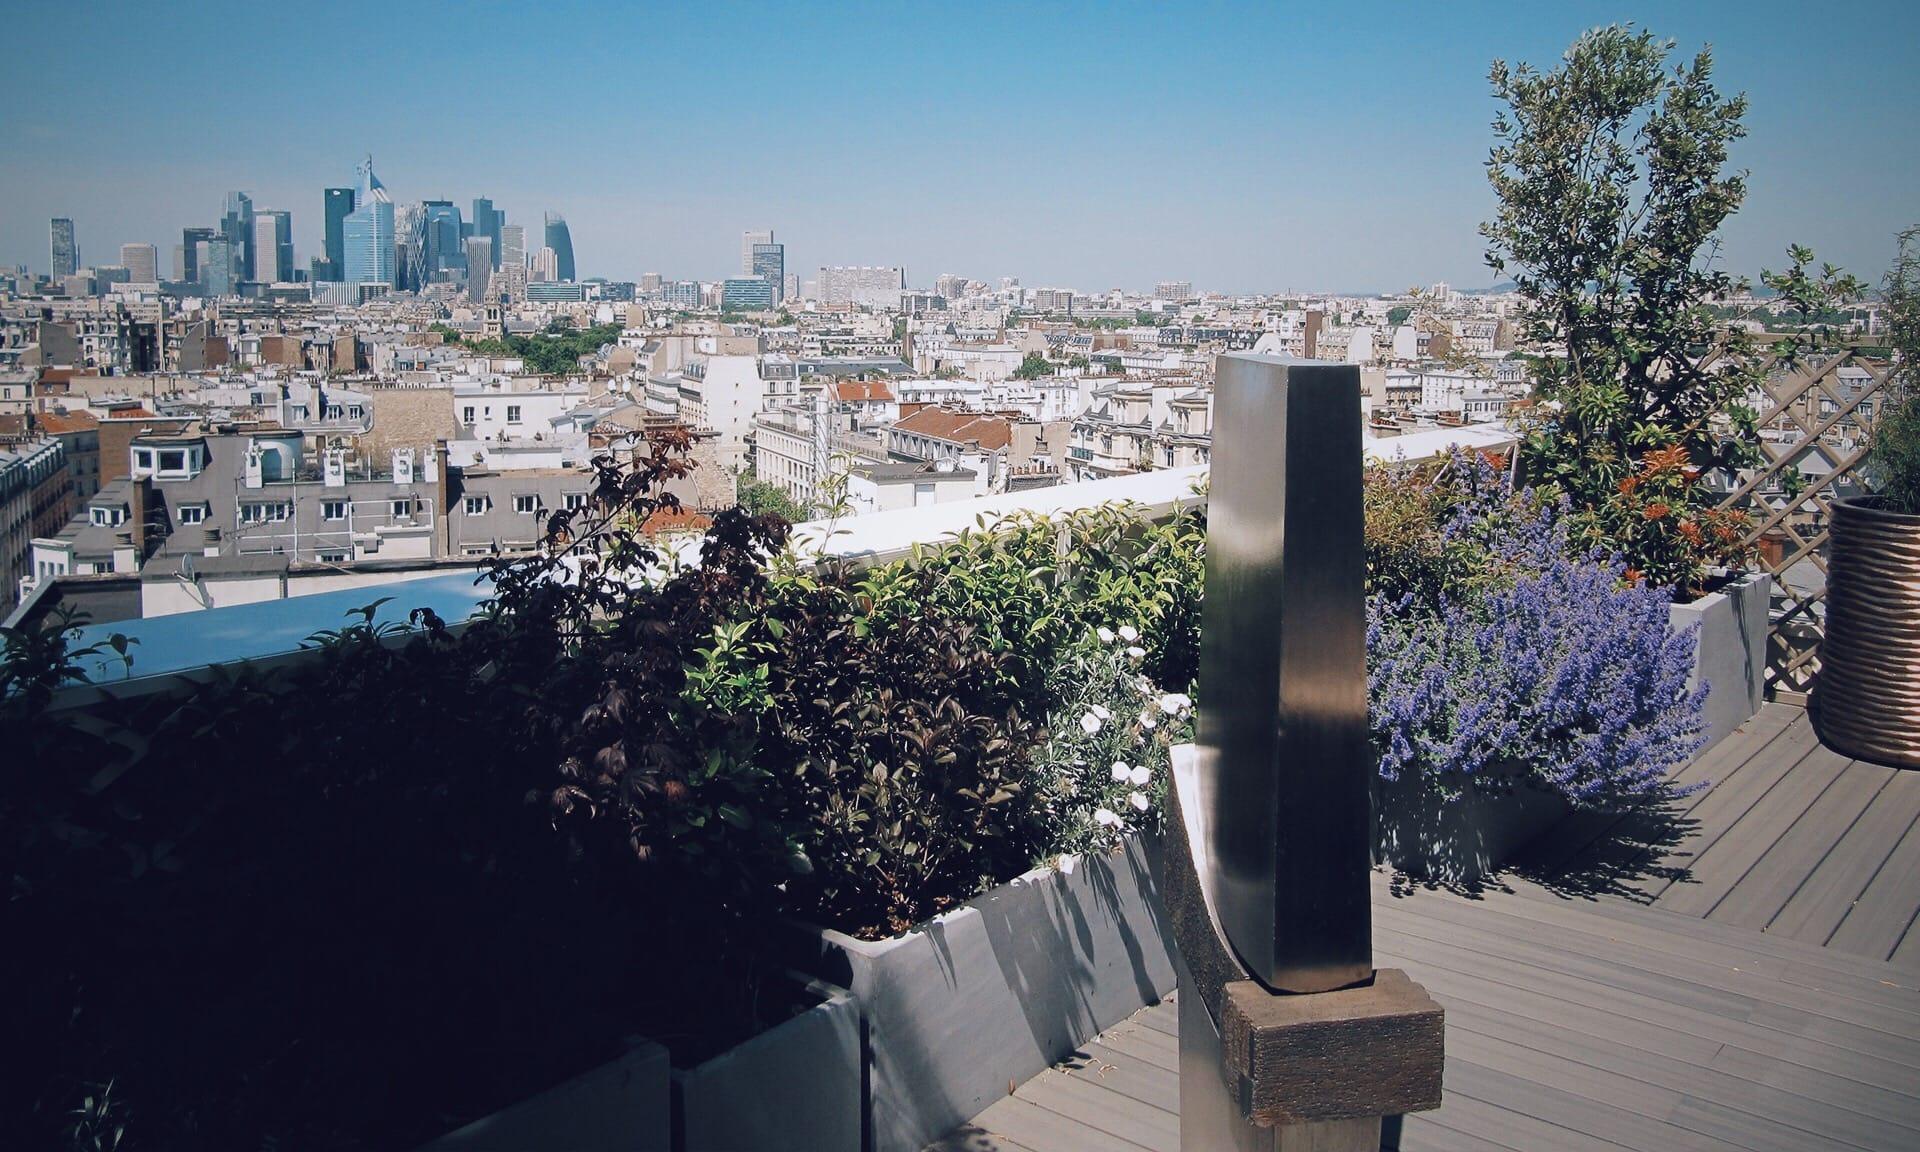 01_Nordscape_terrasse-paris-pots-sculpture